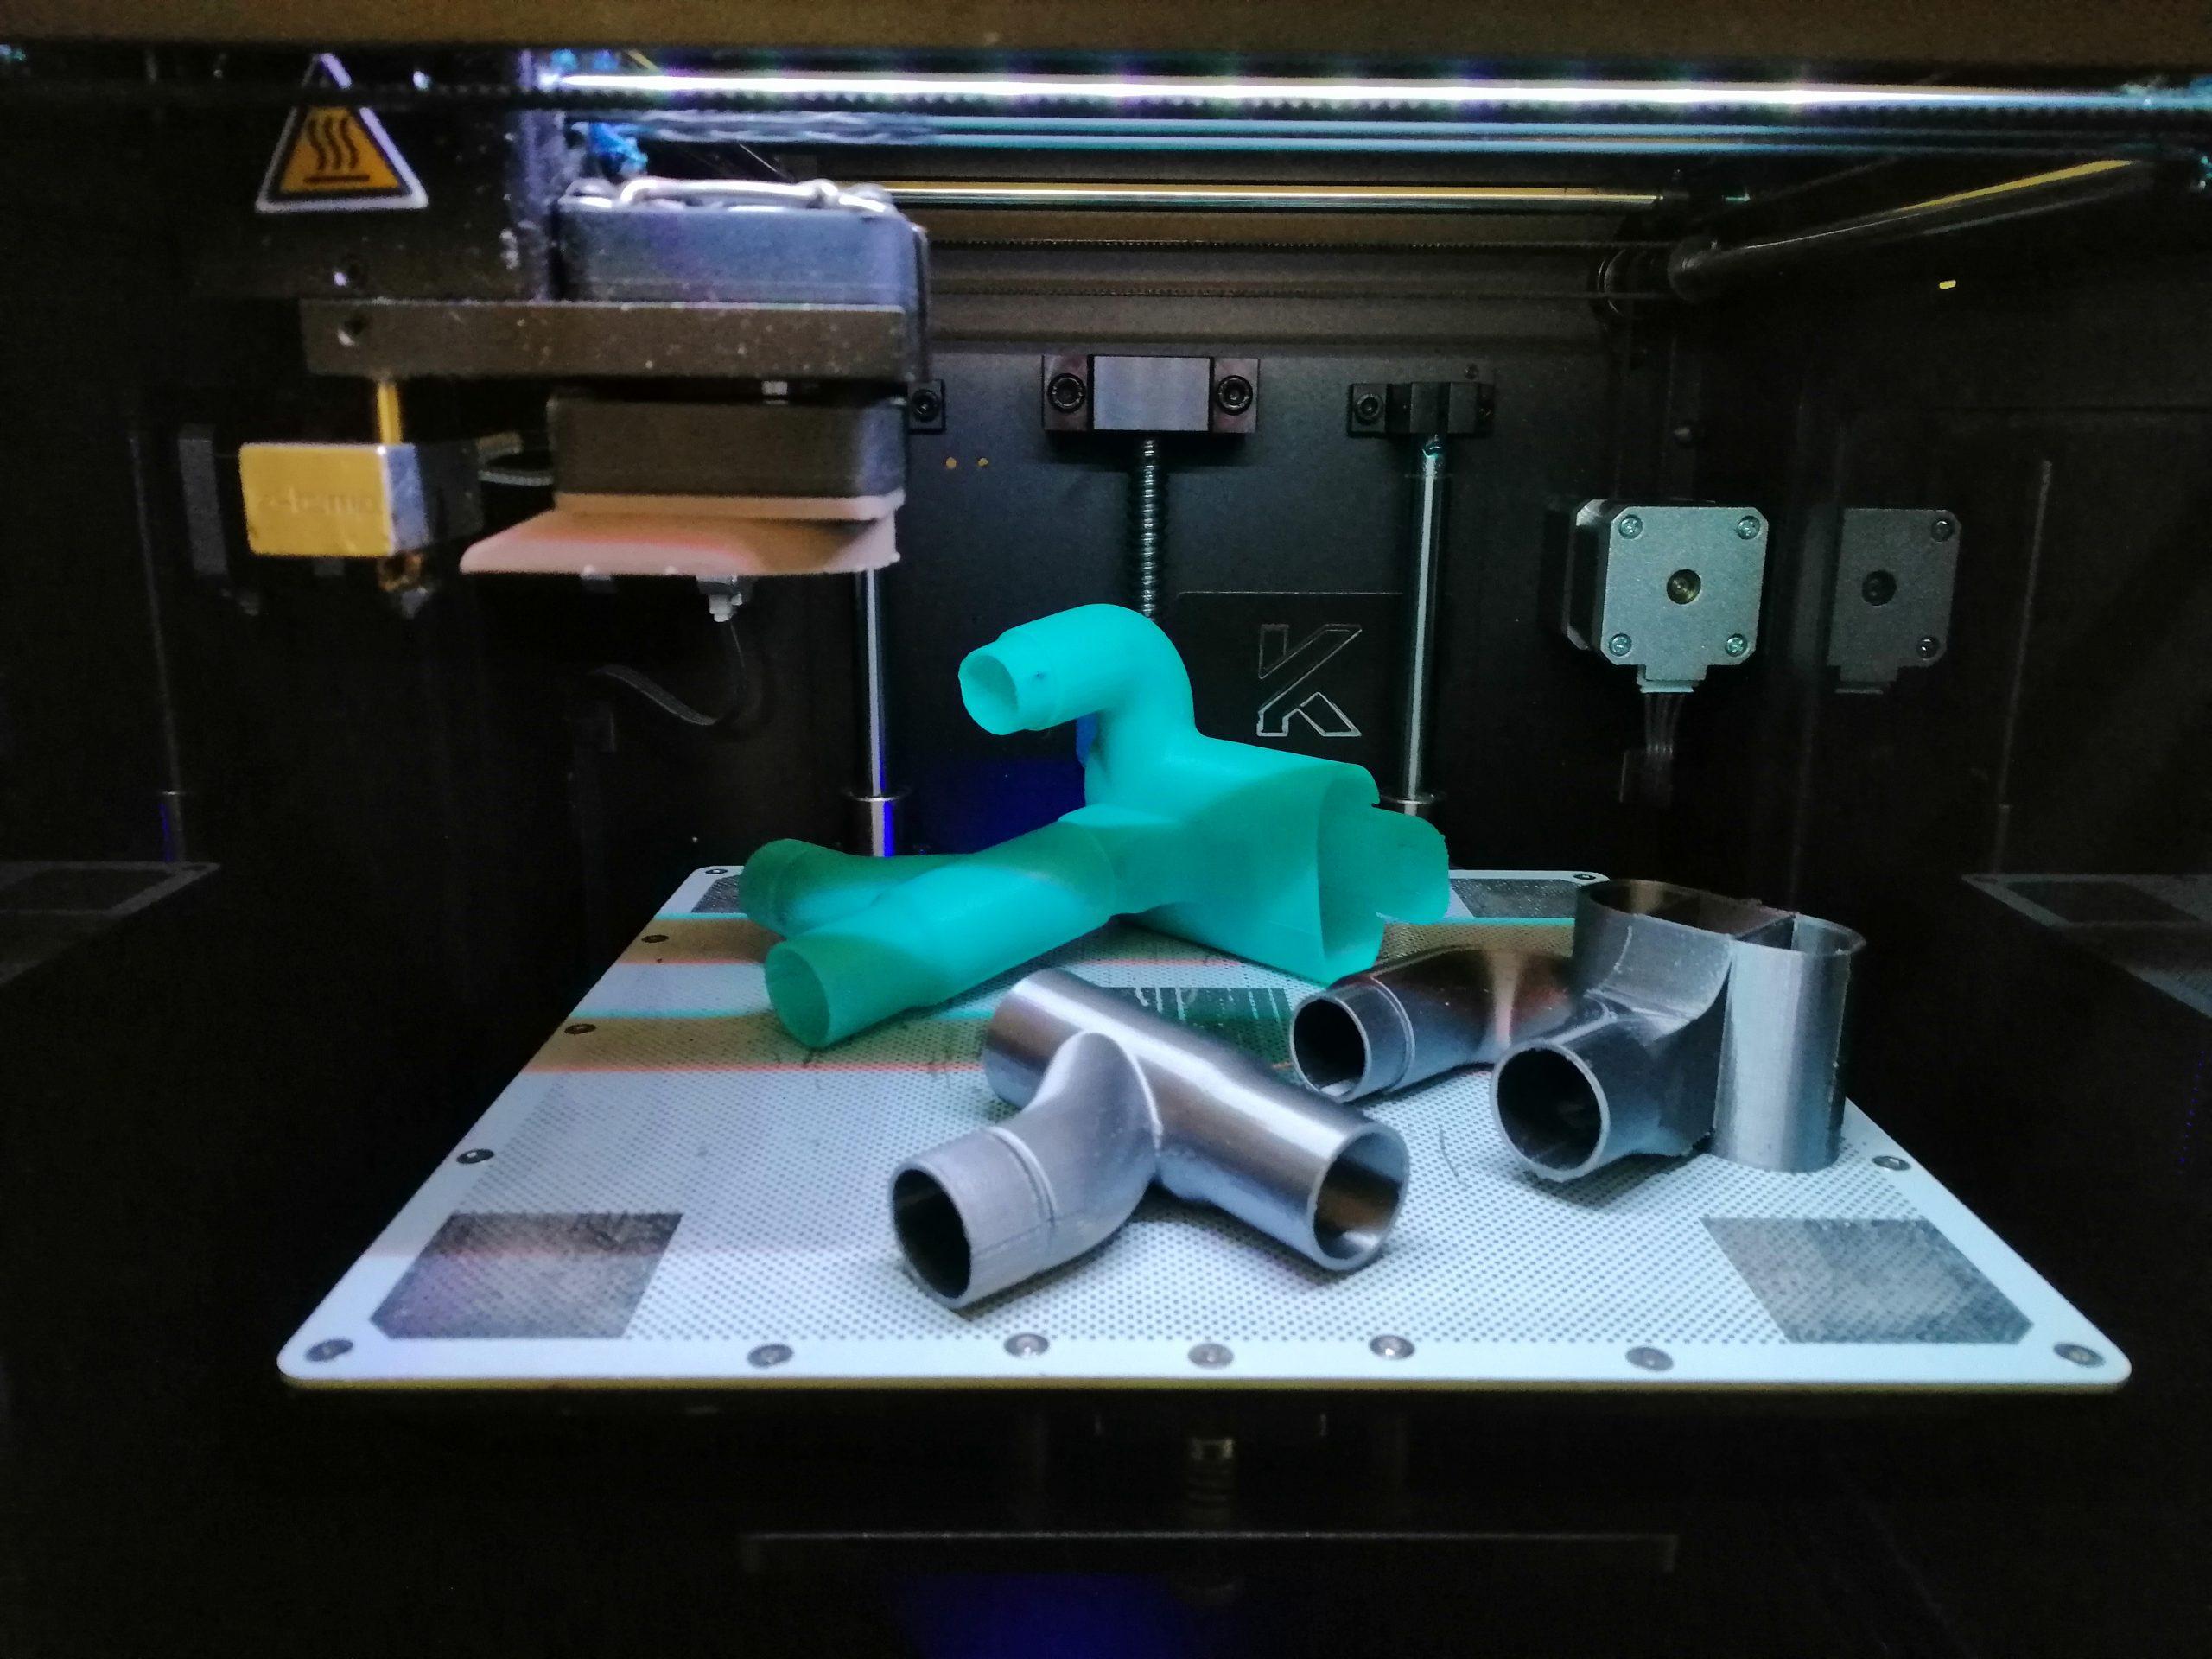 Stampa 3D Donazione Valvole Covid Ospedali - KreaItaly, Stampa 3d - Stampanti 3d Marche - Stampanti 3D prezzi - Aziende stampa 3d